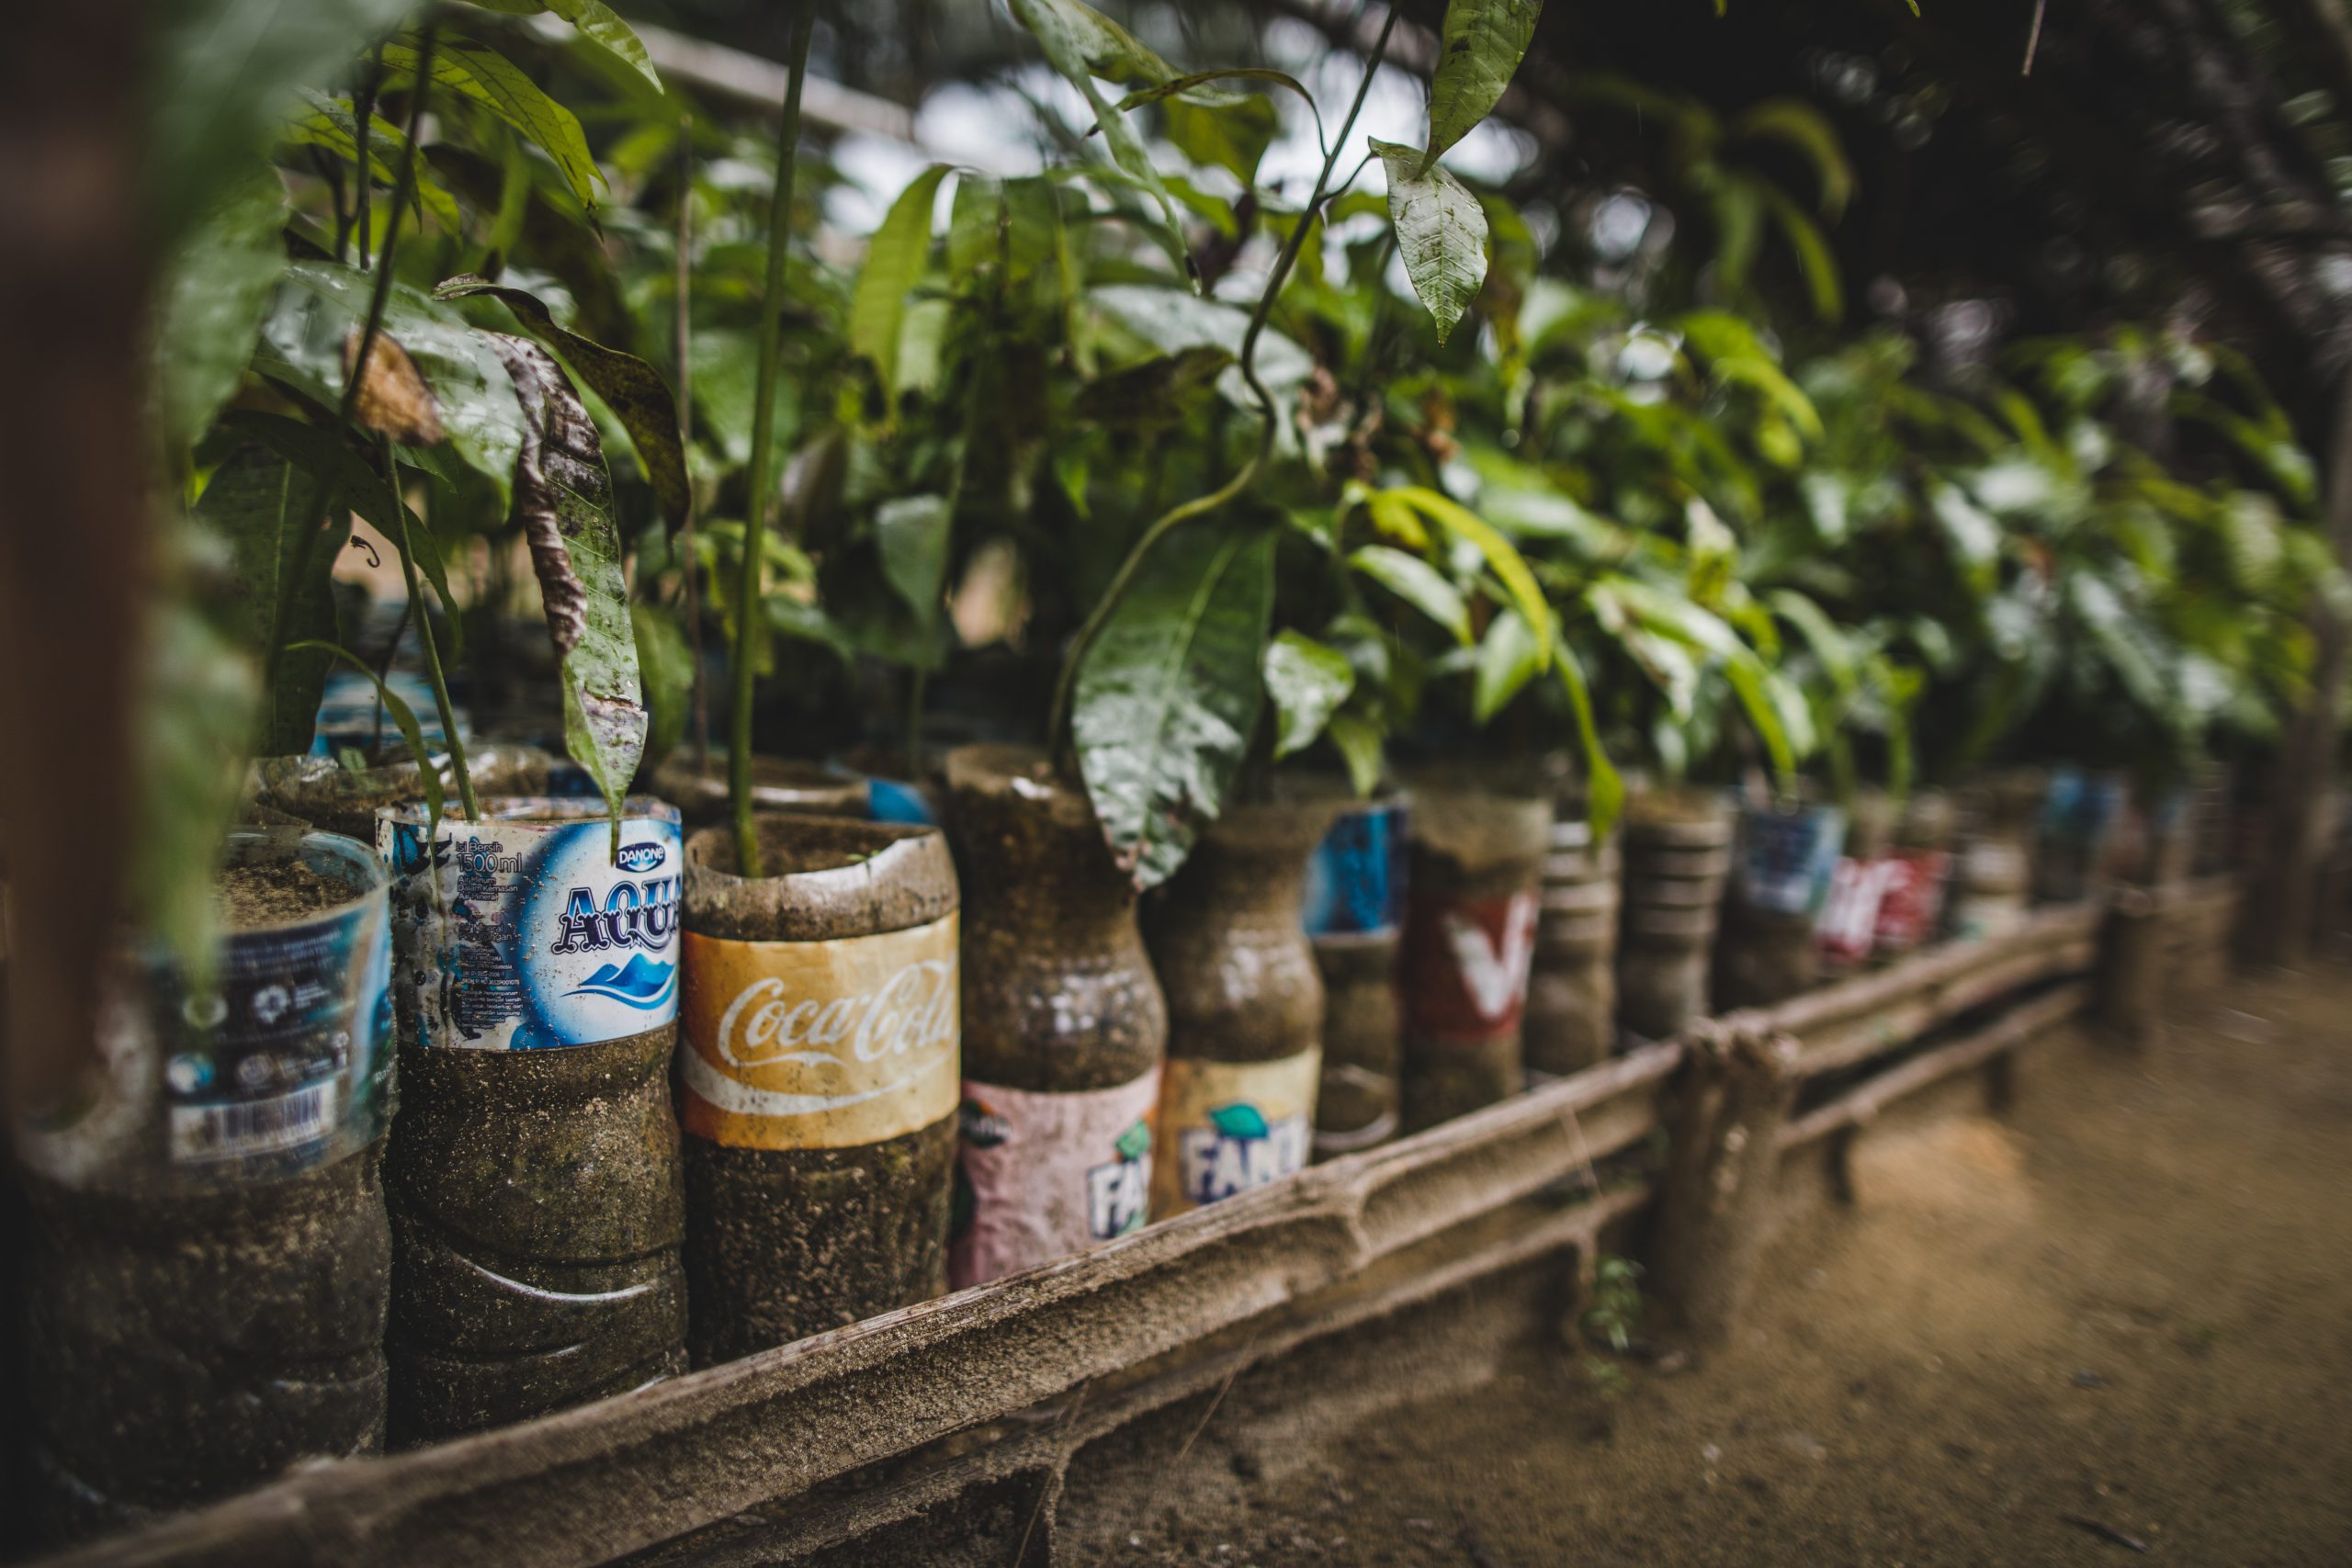 Neu bei engelhorn: TenTree - Eine Marke, eine Story